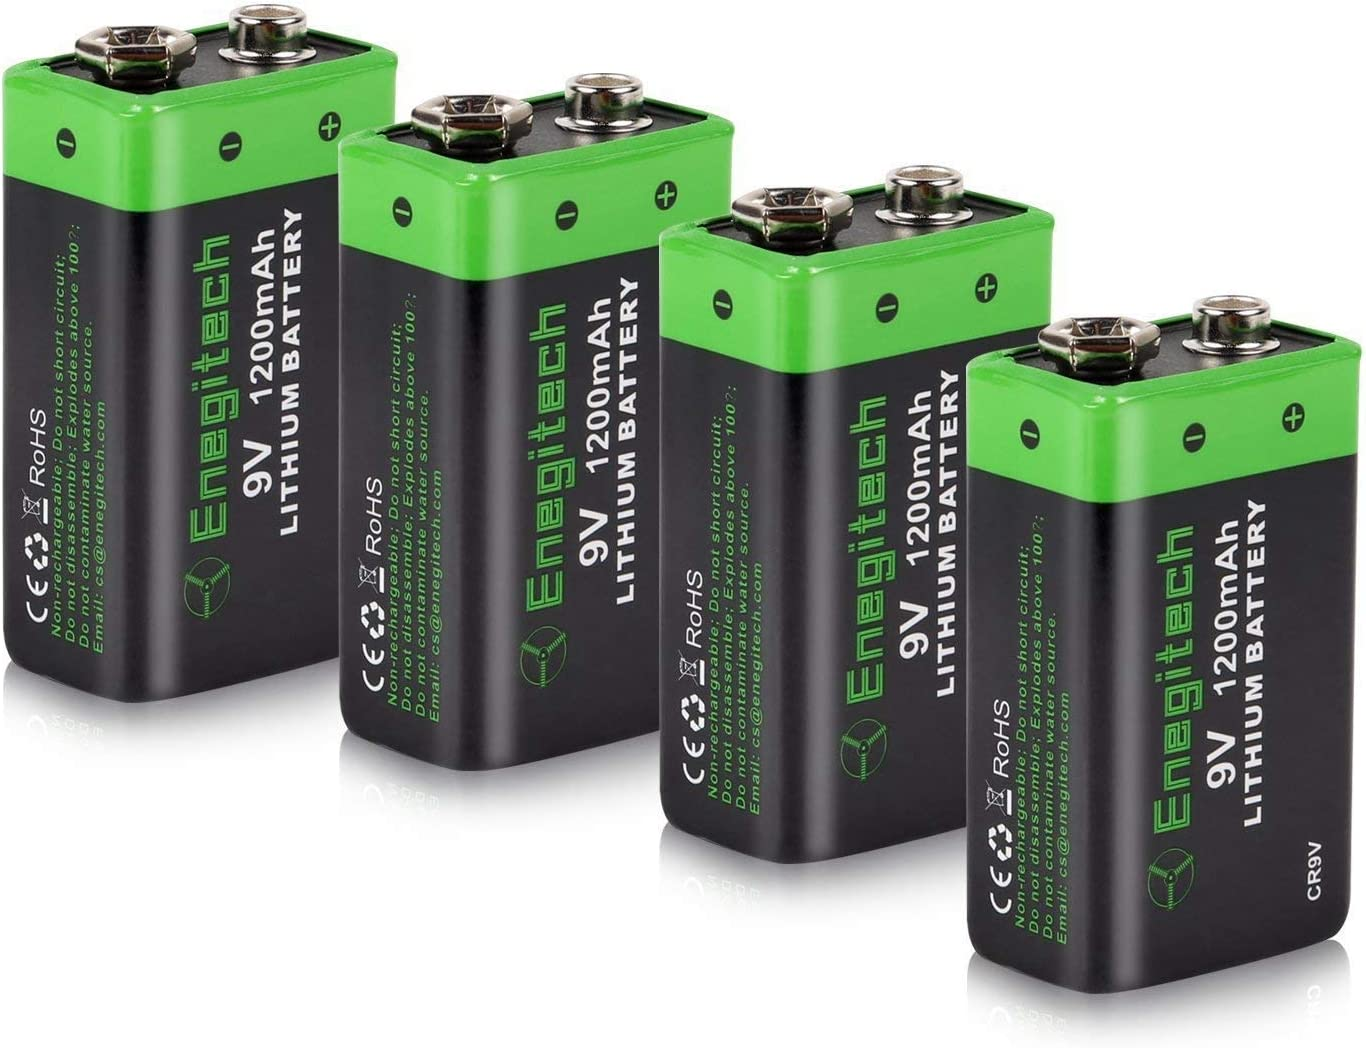 Firechief 9 V Batterie Détecteur de fumée